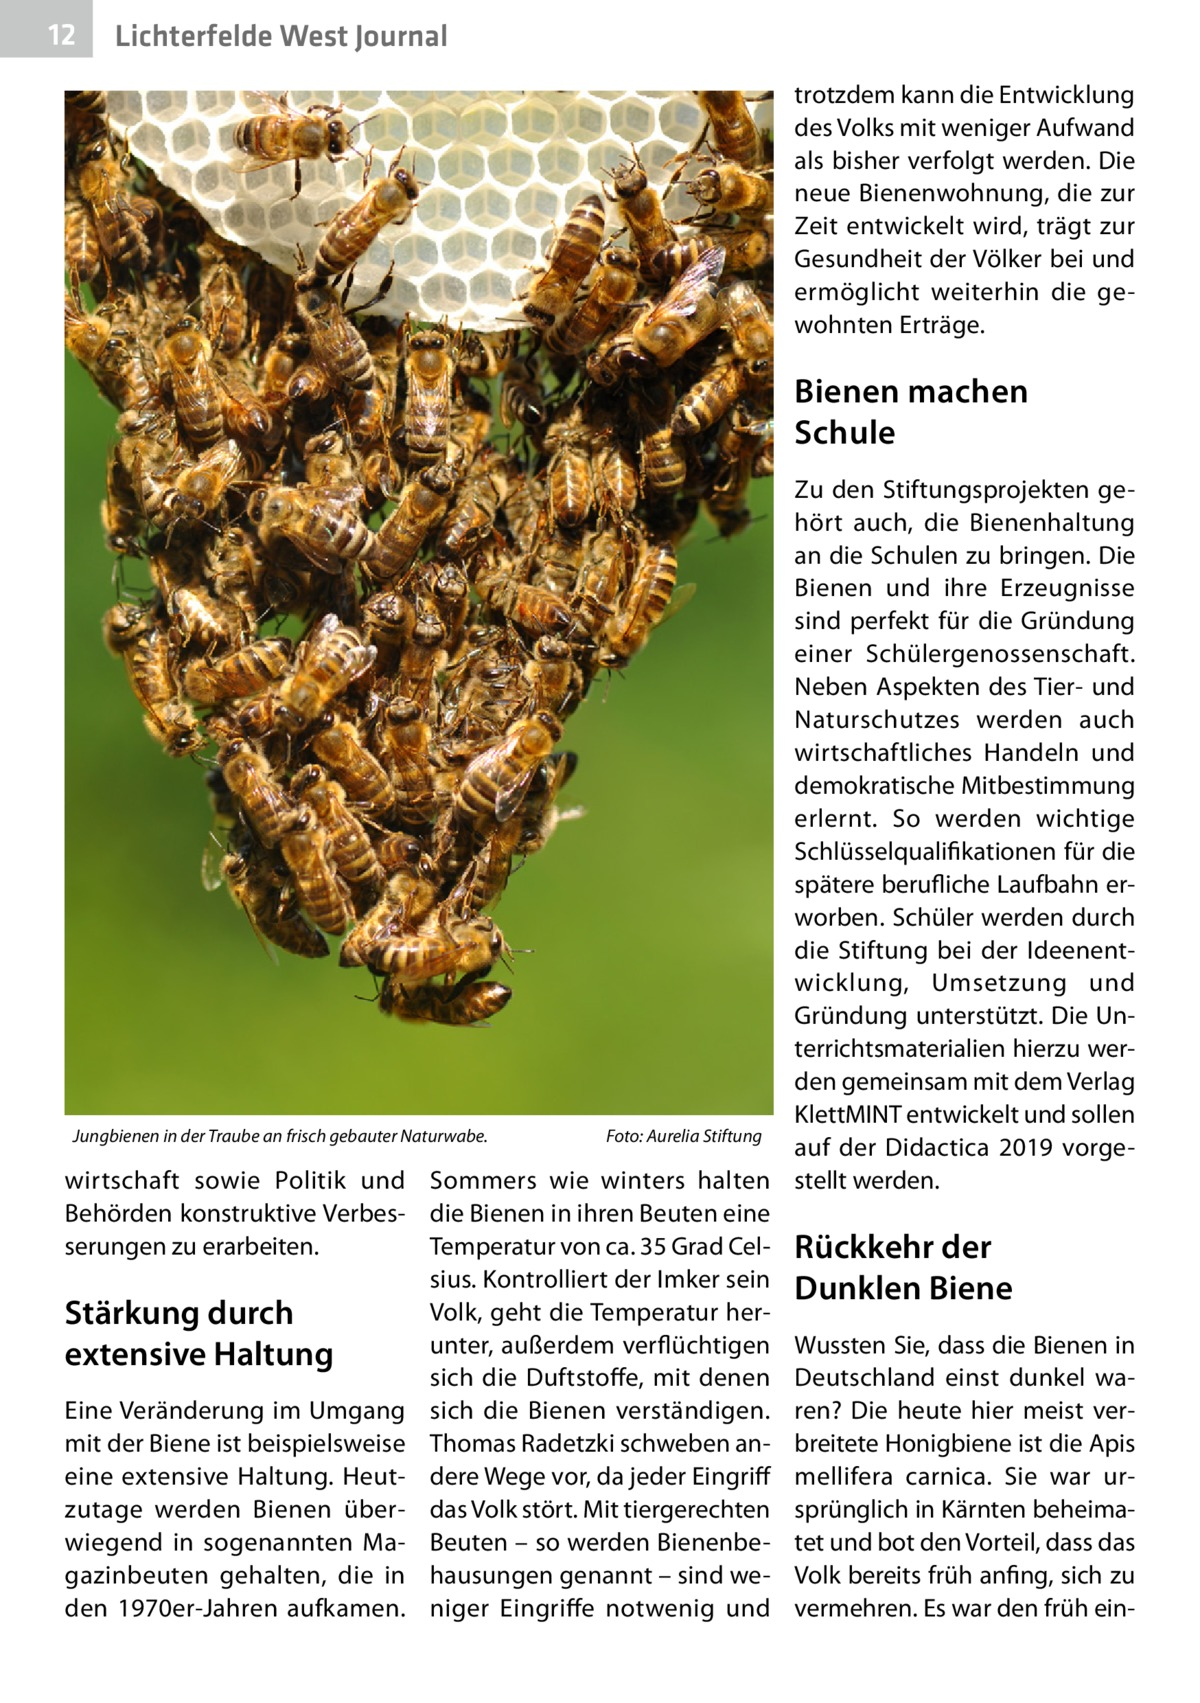 12  Lichterfelde West Journal trotzdem kann die Entwicklung des Volks mit weniger Aufwand als bisher verfolgt werden. Die neue Bienenwohnung, die zur Zeit entwickelt wird, trägt zur Gesundheit der Völker bei und ermöglicht weiterhin die gewohnten Erträge.  Bienen machen Schule Zu den Stiftungsprojekten gehört auch, die Bienenhaltung an die Schulen zu bringen. Die Bienen und ihre Erzeugnisse sind perfekt für die Gründung einer Schülergenossenschaft. Neben Aspekten des Tier- und Naturschutzes werden auch wirtschaftliches Handeln und demokratische Mitbestimmung erlernt. So werden wichtige Schlüsselqualifikationen für die spätere berufliche Laufbahn erworben. Schüler werden durch die Stiftung bei der Ideenentwicklung, Umsetzung und Gründung unterstützt. Die Unterrichtsmaterialien hierzu werden gemeinsam mit dem Verlag KlettMINT entwickelt und sollen Jungbienen in der Traube an frisch gebauter Naturwabe.� Foto: Aurelia Stiftung auf der Didactica 2019 vorgewirtschaft sowie Politik und Sommers wie winters halten stellt werden. Behörden konstruktive Verbes- die Bienen in ihren Beuten eine serungen zu erarbeiten. Temperatur von ca. 35Grad Cel- Rückkehr der sius. Kontrolliert der Imker sein Dunklen Biene Volk, geht die Temperatur herStärkung durch unter, außerdem verflüchtigen Wussten Sie, dass die Bienen in extensive Haltung sich die Duftstoffe, mit denen Deutschland einst dunkel waEine Veränderung im Umgang sich die Bienen verständigen. ren? Die heute hier meist vermit der Biene ist beispielsweise Thomas Radetzki schweben an- breitete Honigbiene ist die Apis eine extensive Haltung. Heut- dere Wege vor, da jeder Eingriff mellifera carnica. Sie war urzutage werden Bienen über- das Volk stört. Mit tiergerechten sprünglich in Kärnten beheimawiegend in sogenannten Ma- Beuten – so werden Bienenbe- tet und bot den Vorteil, dass das gazinbeuten gehalten, die in hausungen genannt – sind we- Volk bereits früh anfing, sich zu den 1970er-Jahren aufkamen. niger Eingriffe notwenig und ve